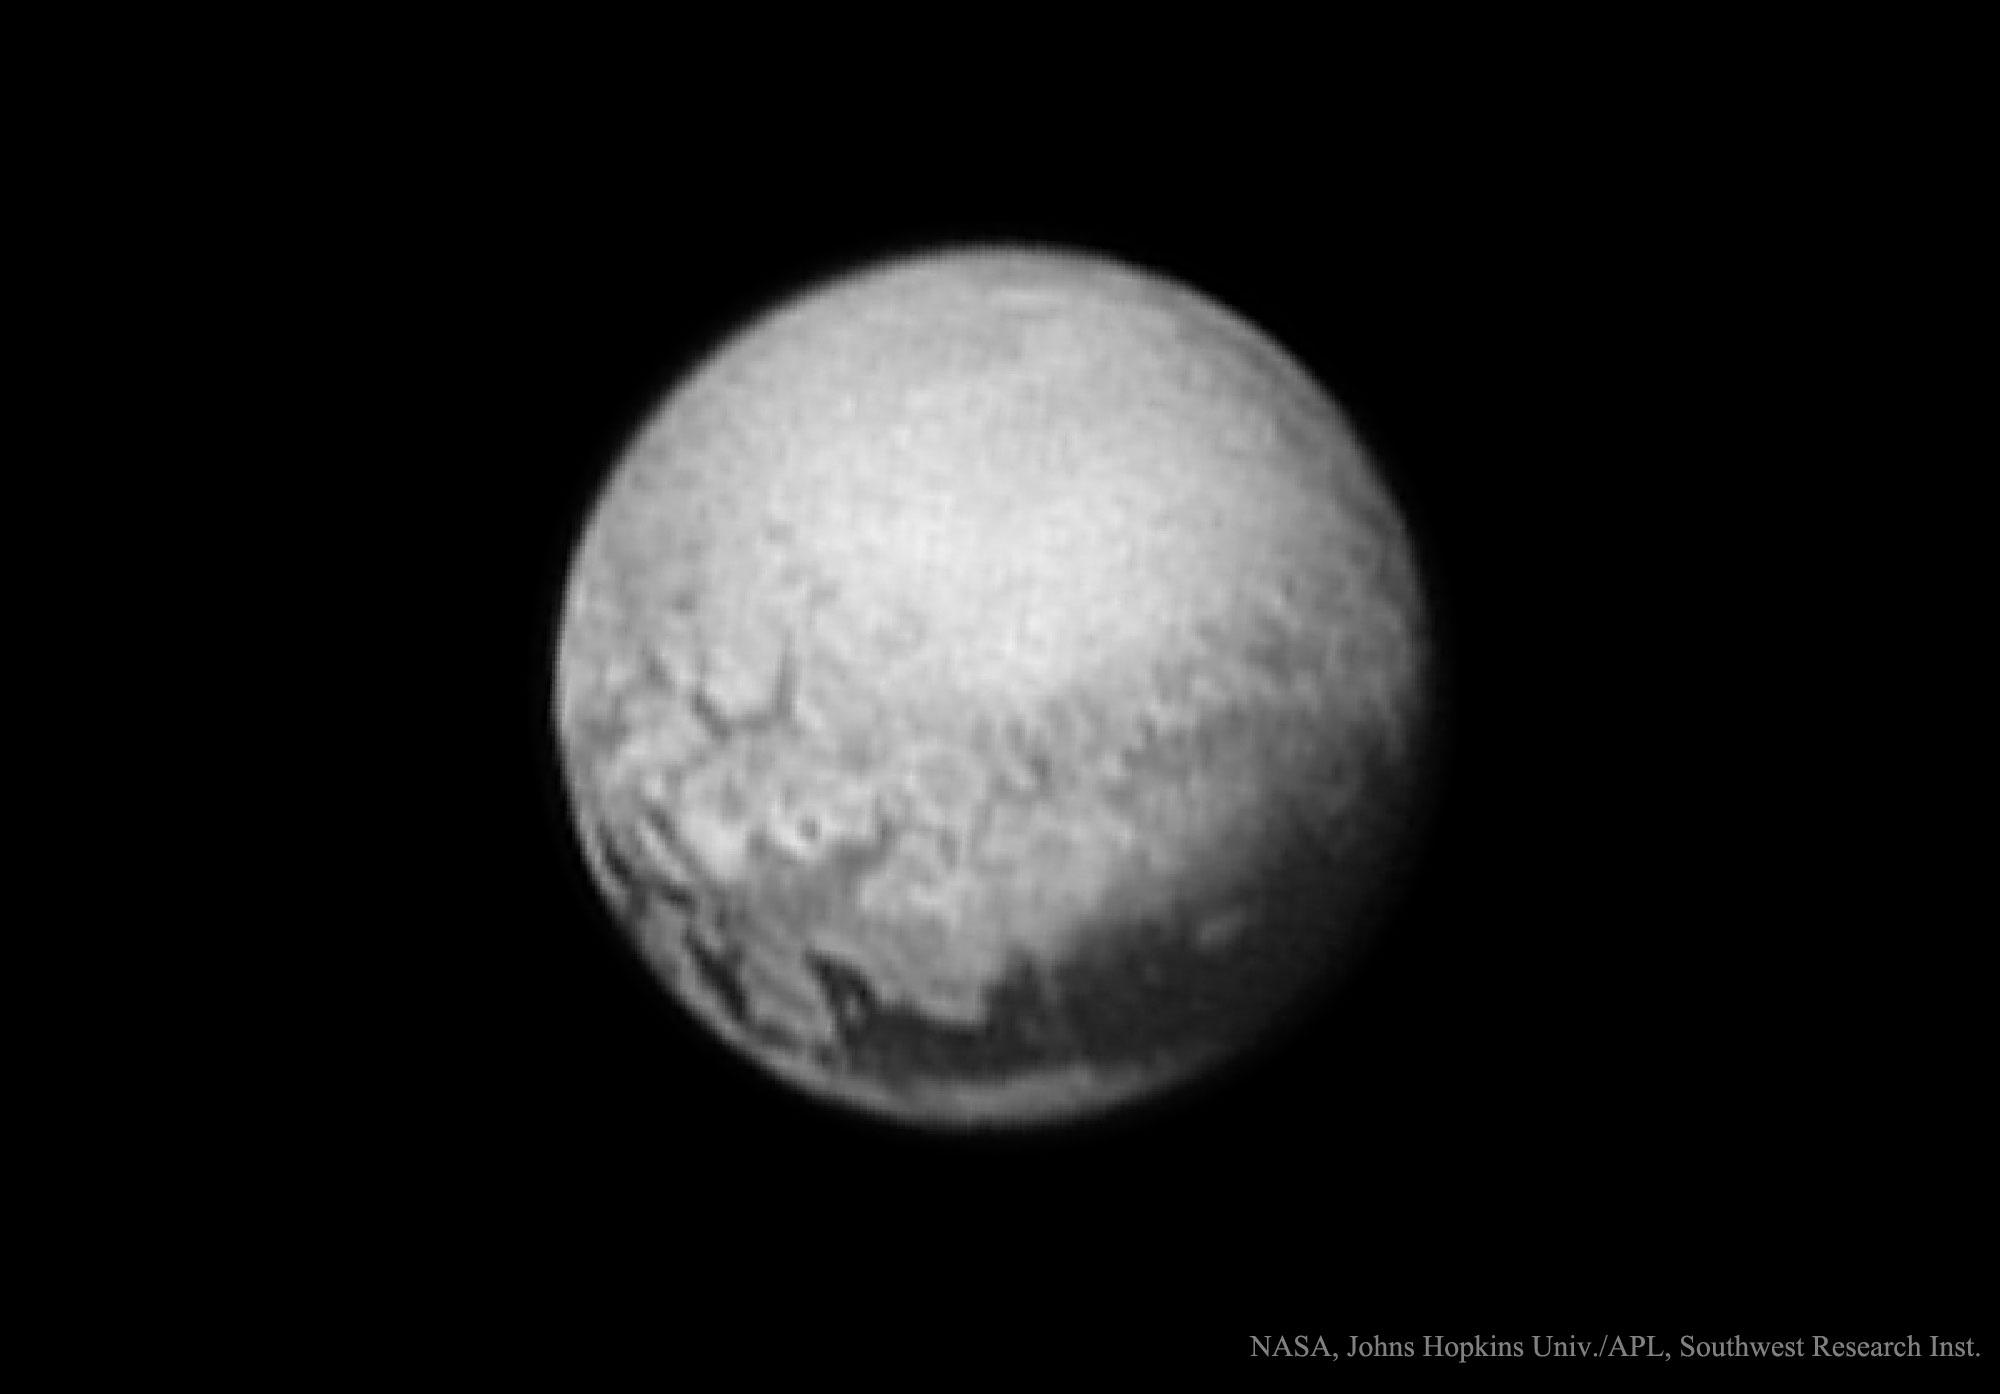 007 - APOD - JULI 2015. Pluto02_NewHorizons_2000